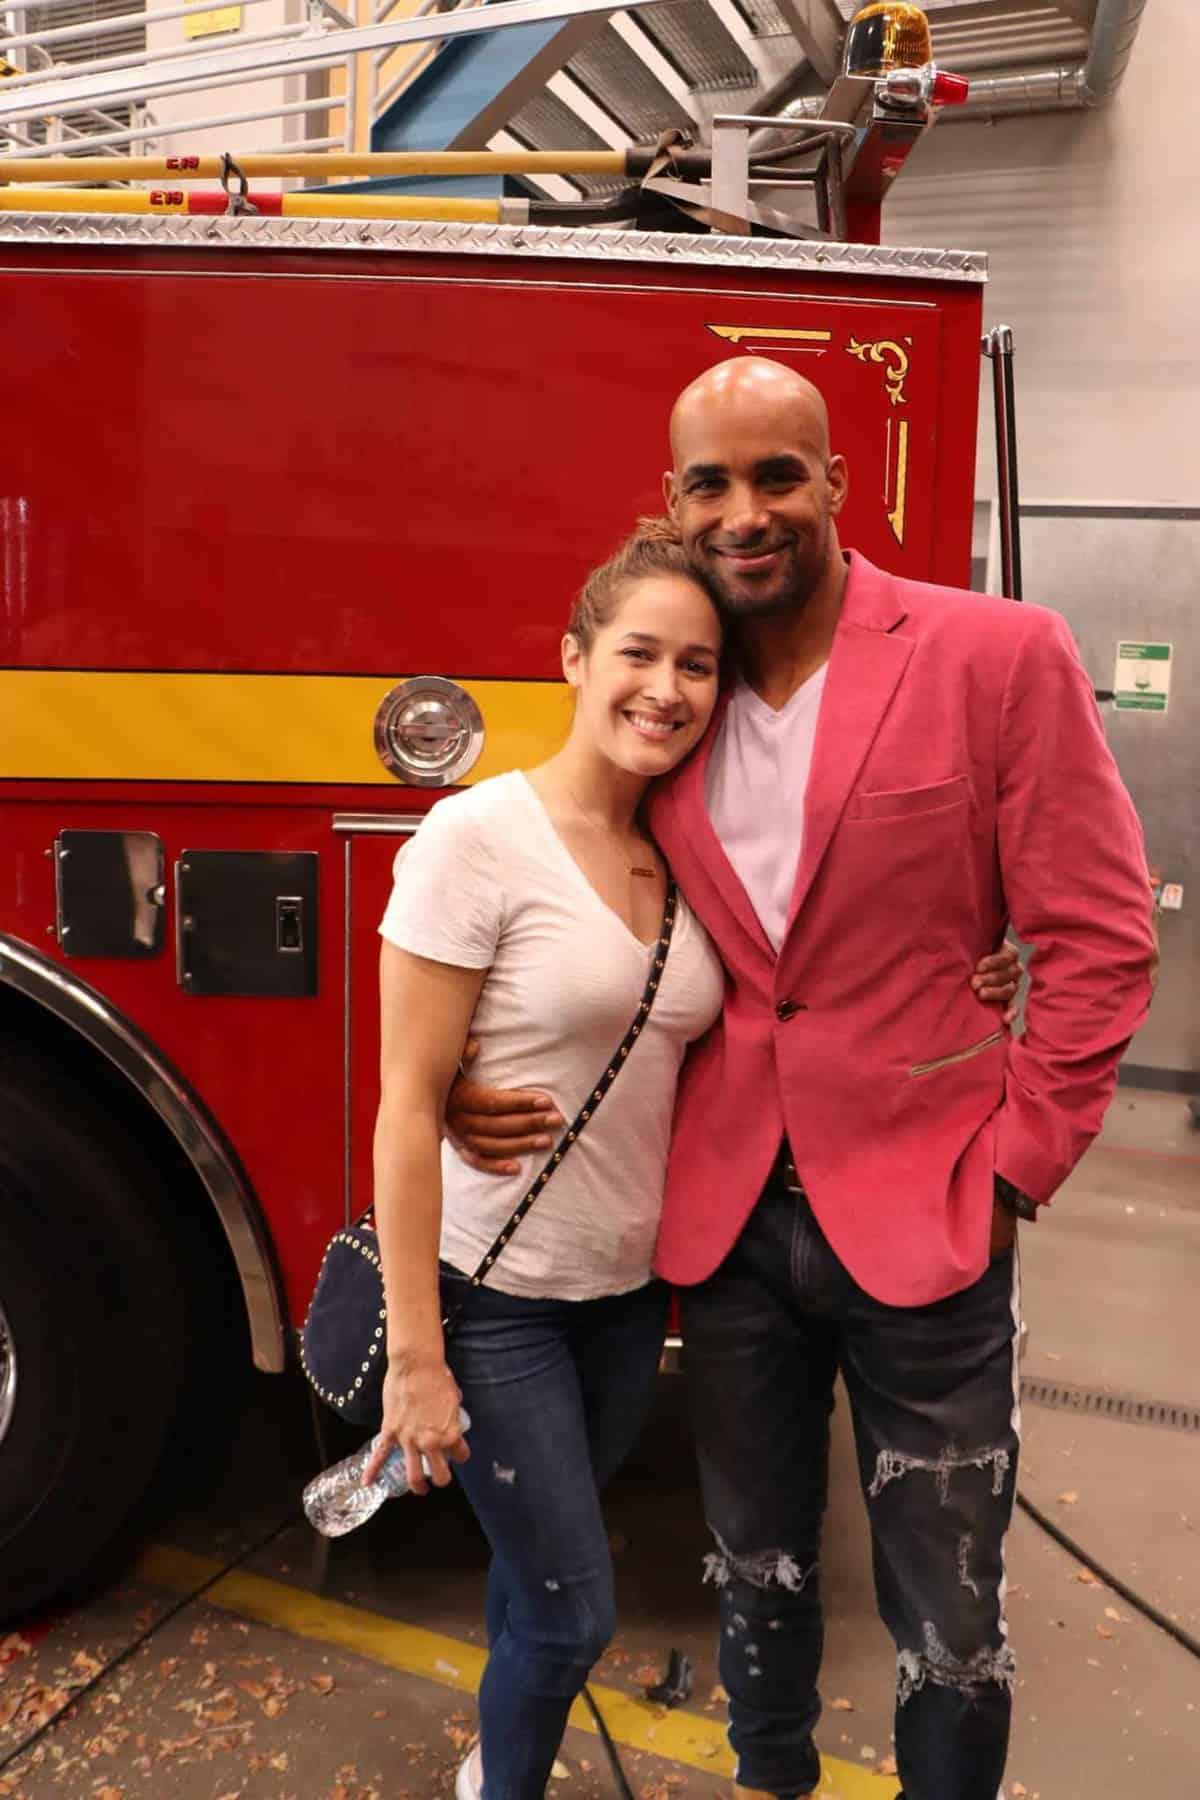 Jaina Lee Ortiz, Boris Kodjoe standing in front of a firetruck